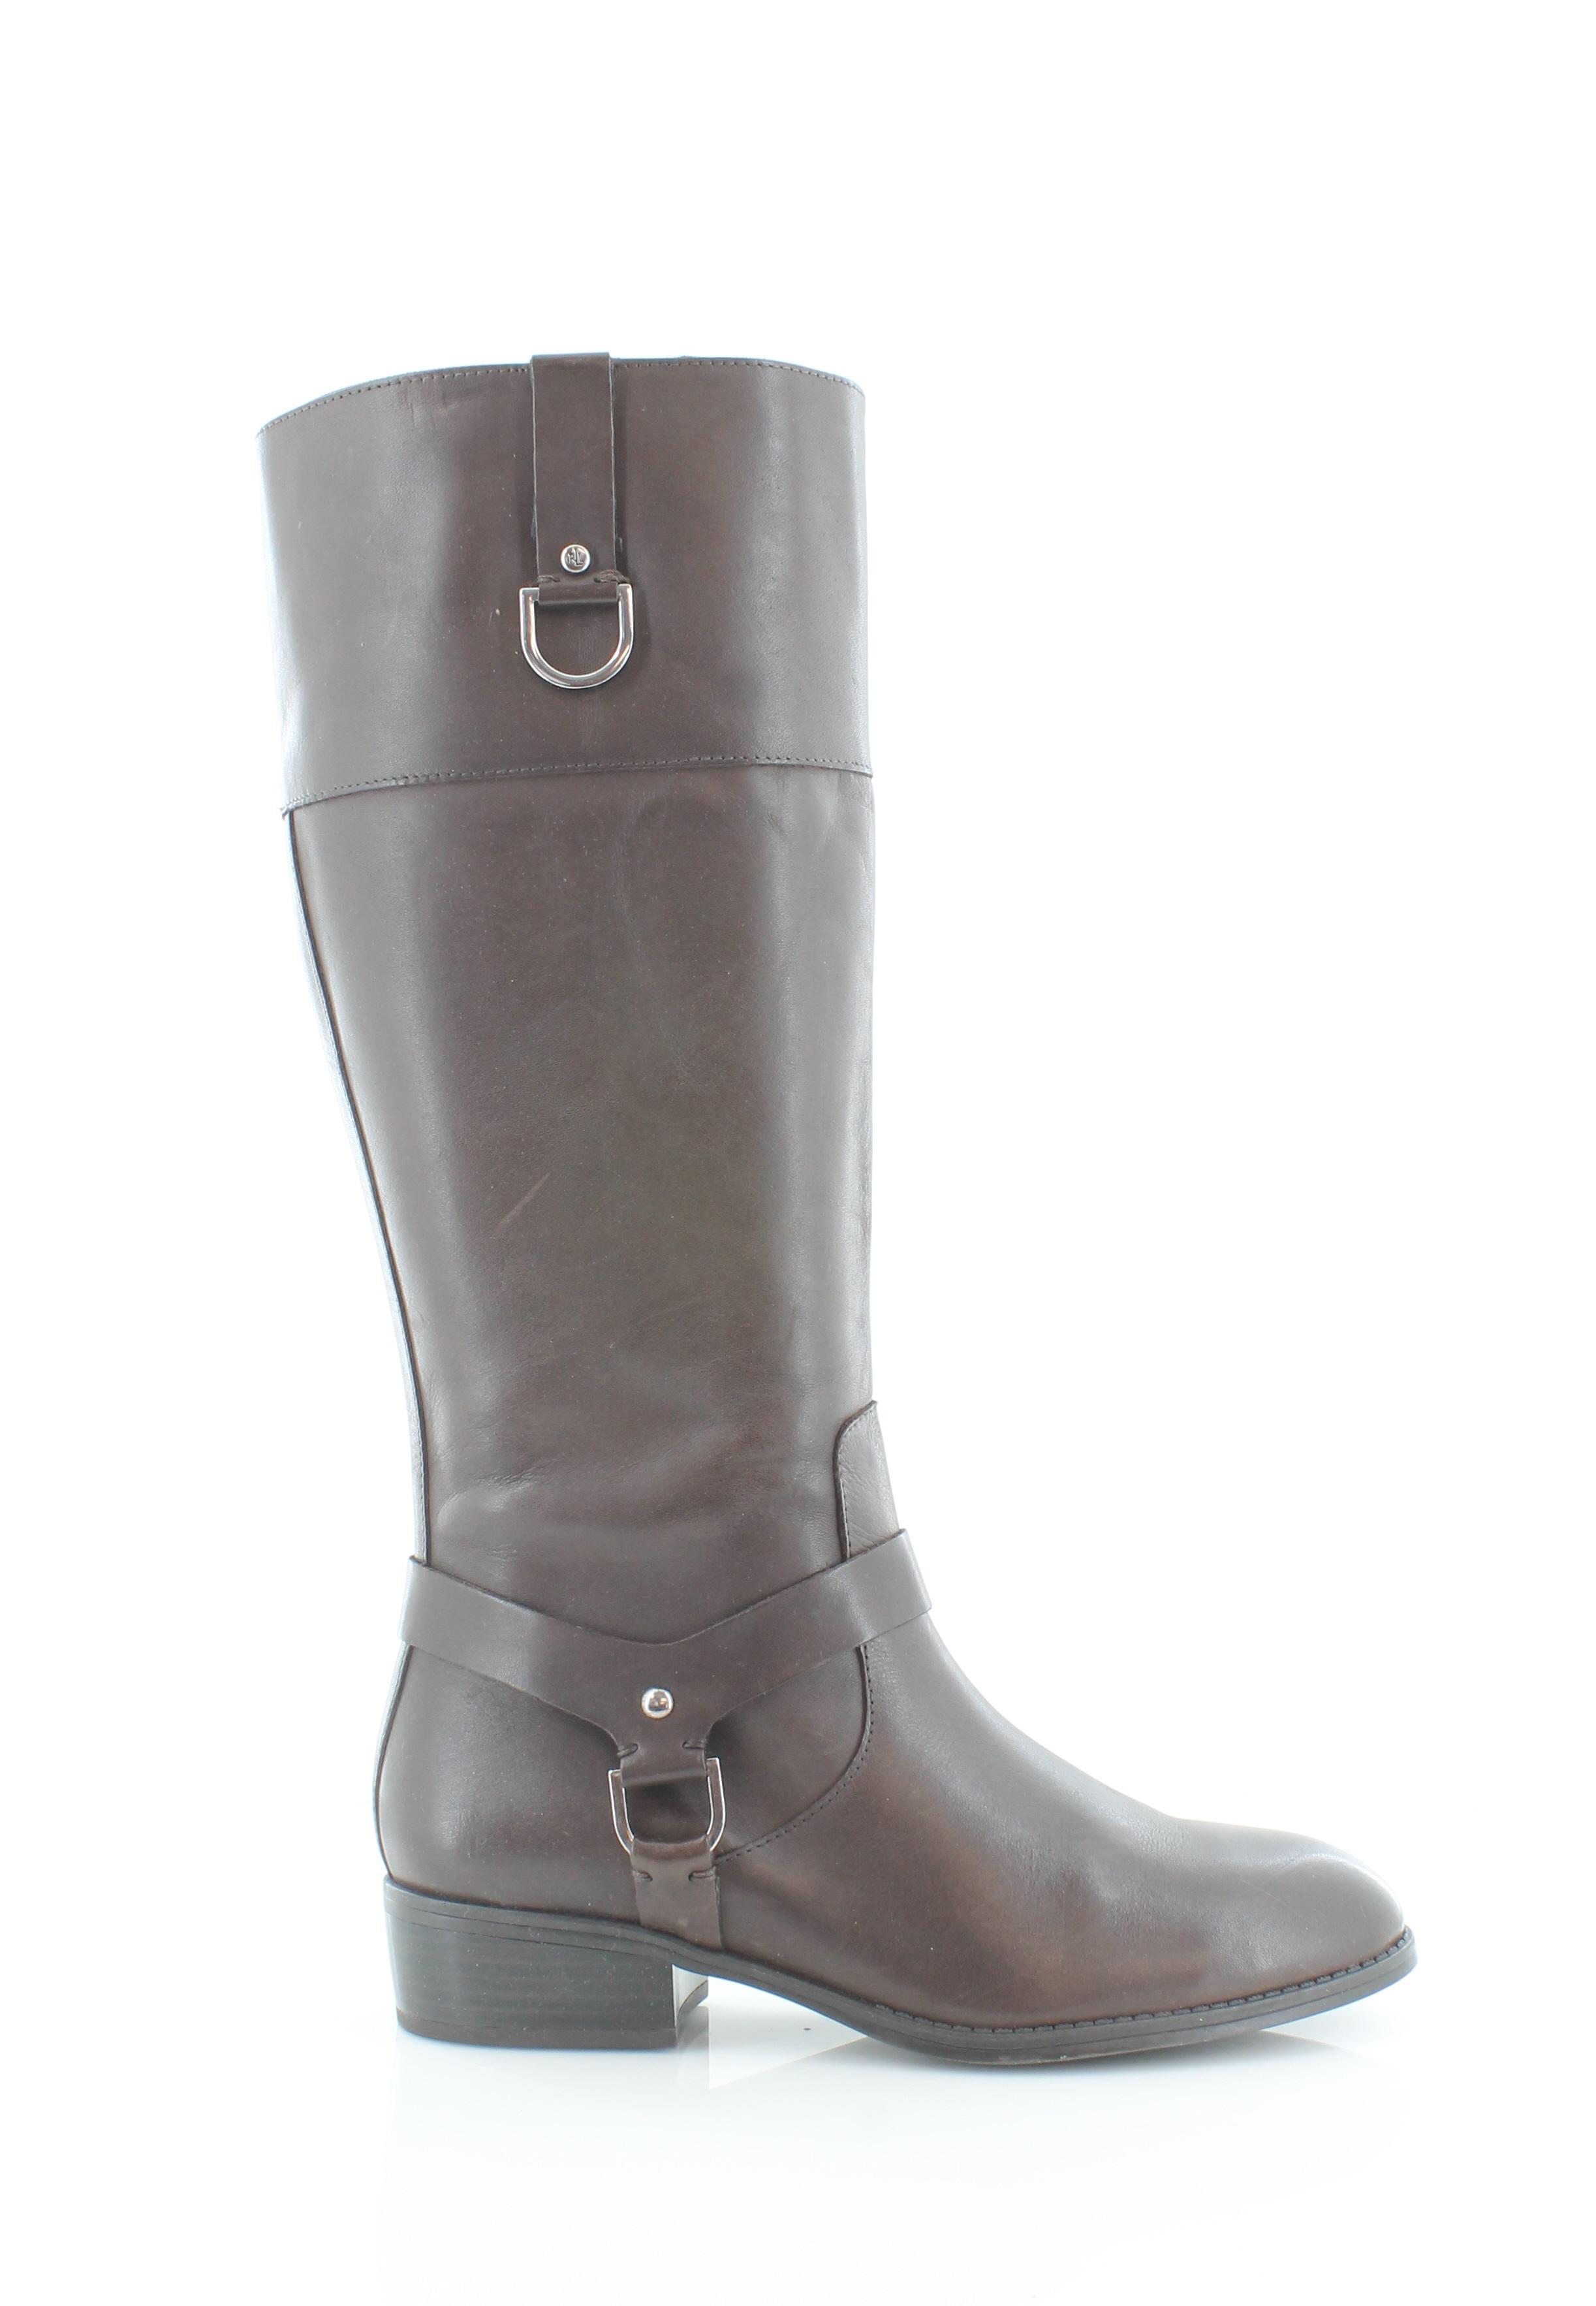 Ralph Lauren Mesa Mesa Mesa Marrón Zapatos para mujer Talla 8 M botas MSRP  179  venta caliente en línea